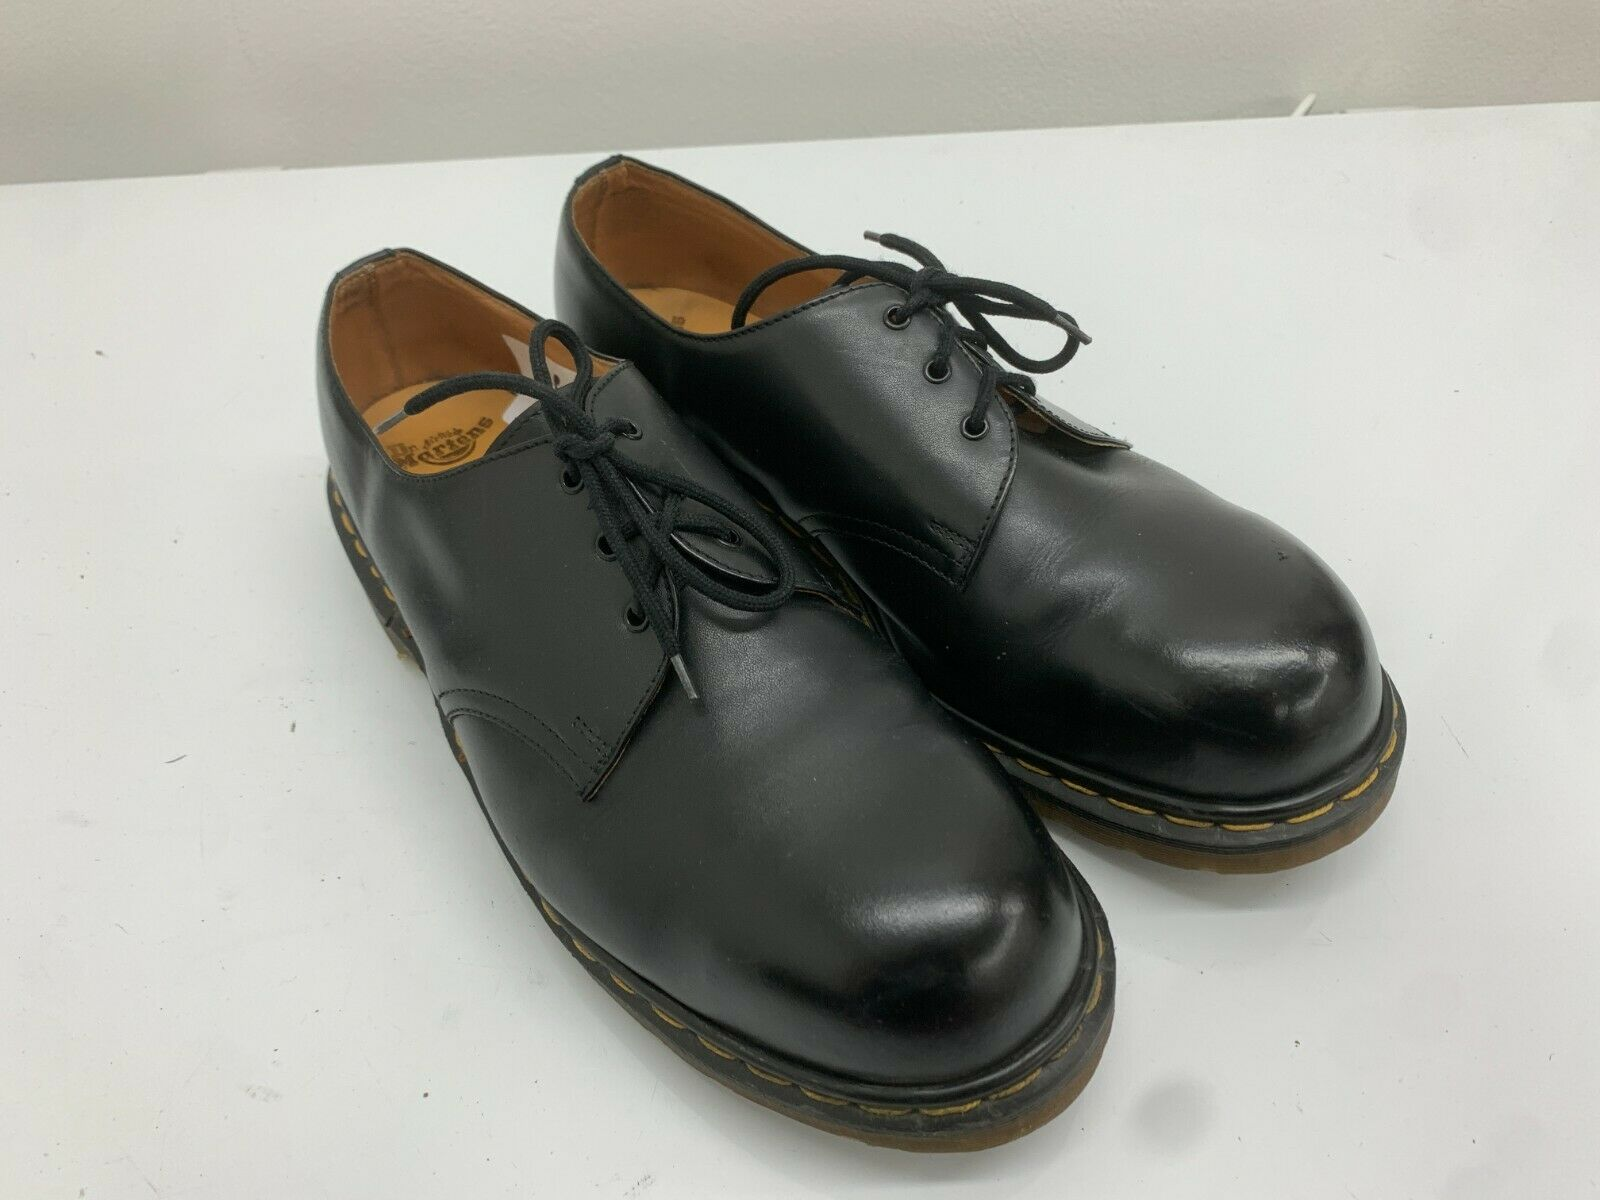 Doc Dr Martens Shoes, 3 Eyelets, Black Shiny Leather, Size 11UK, Rare Steel Toe